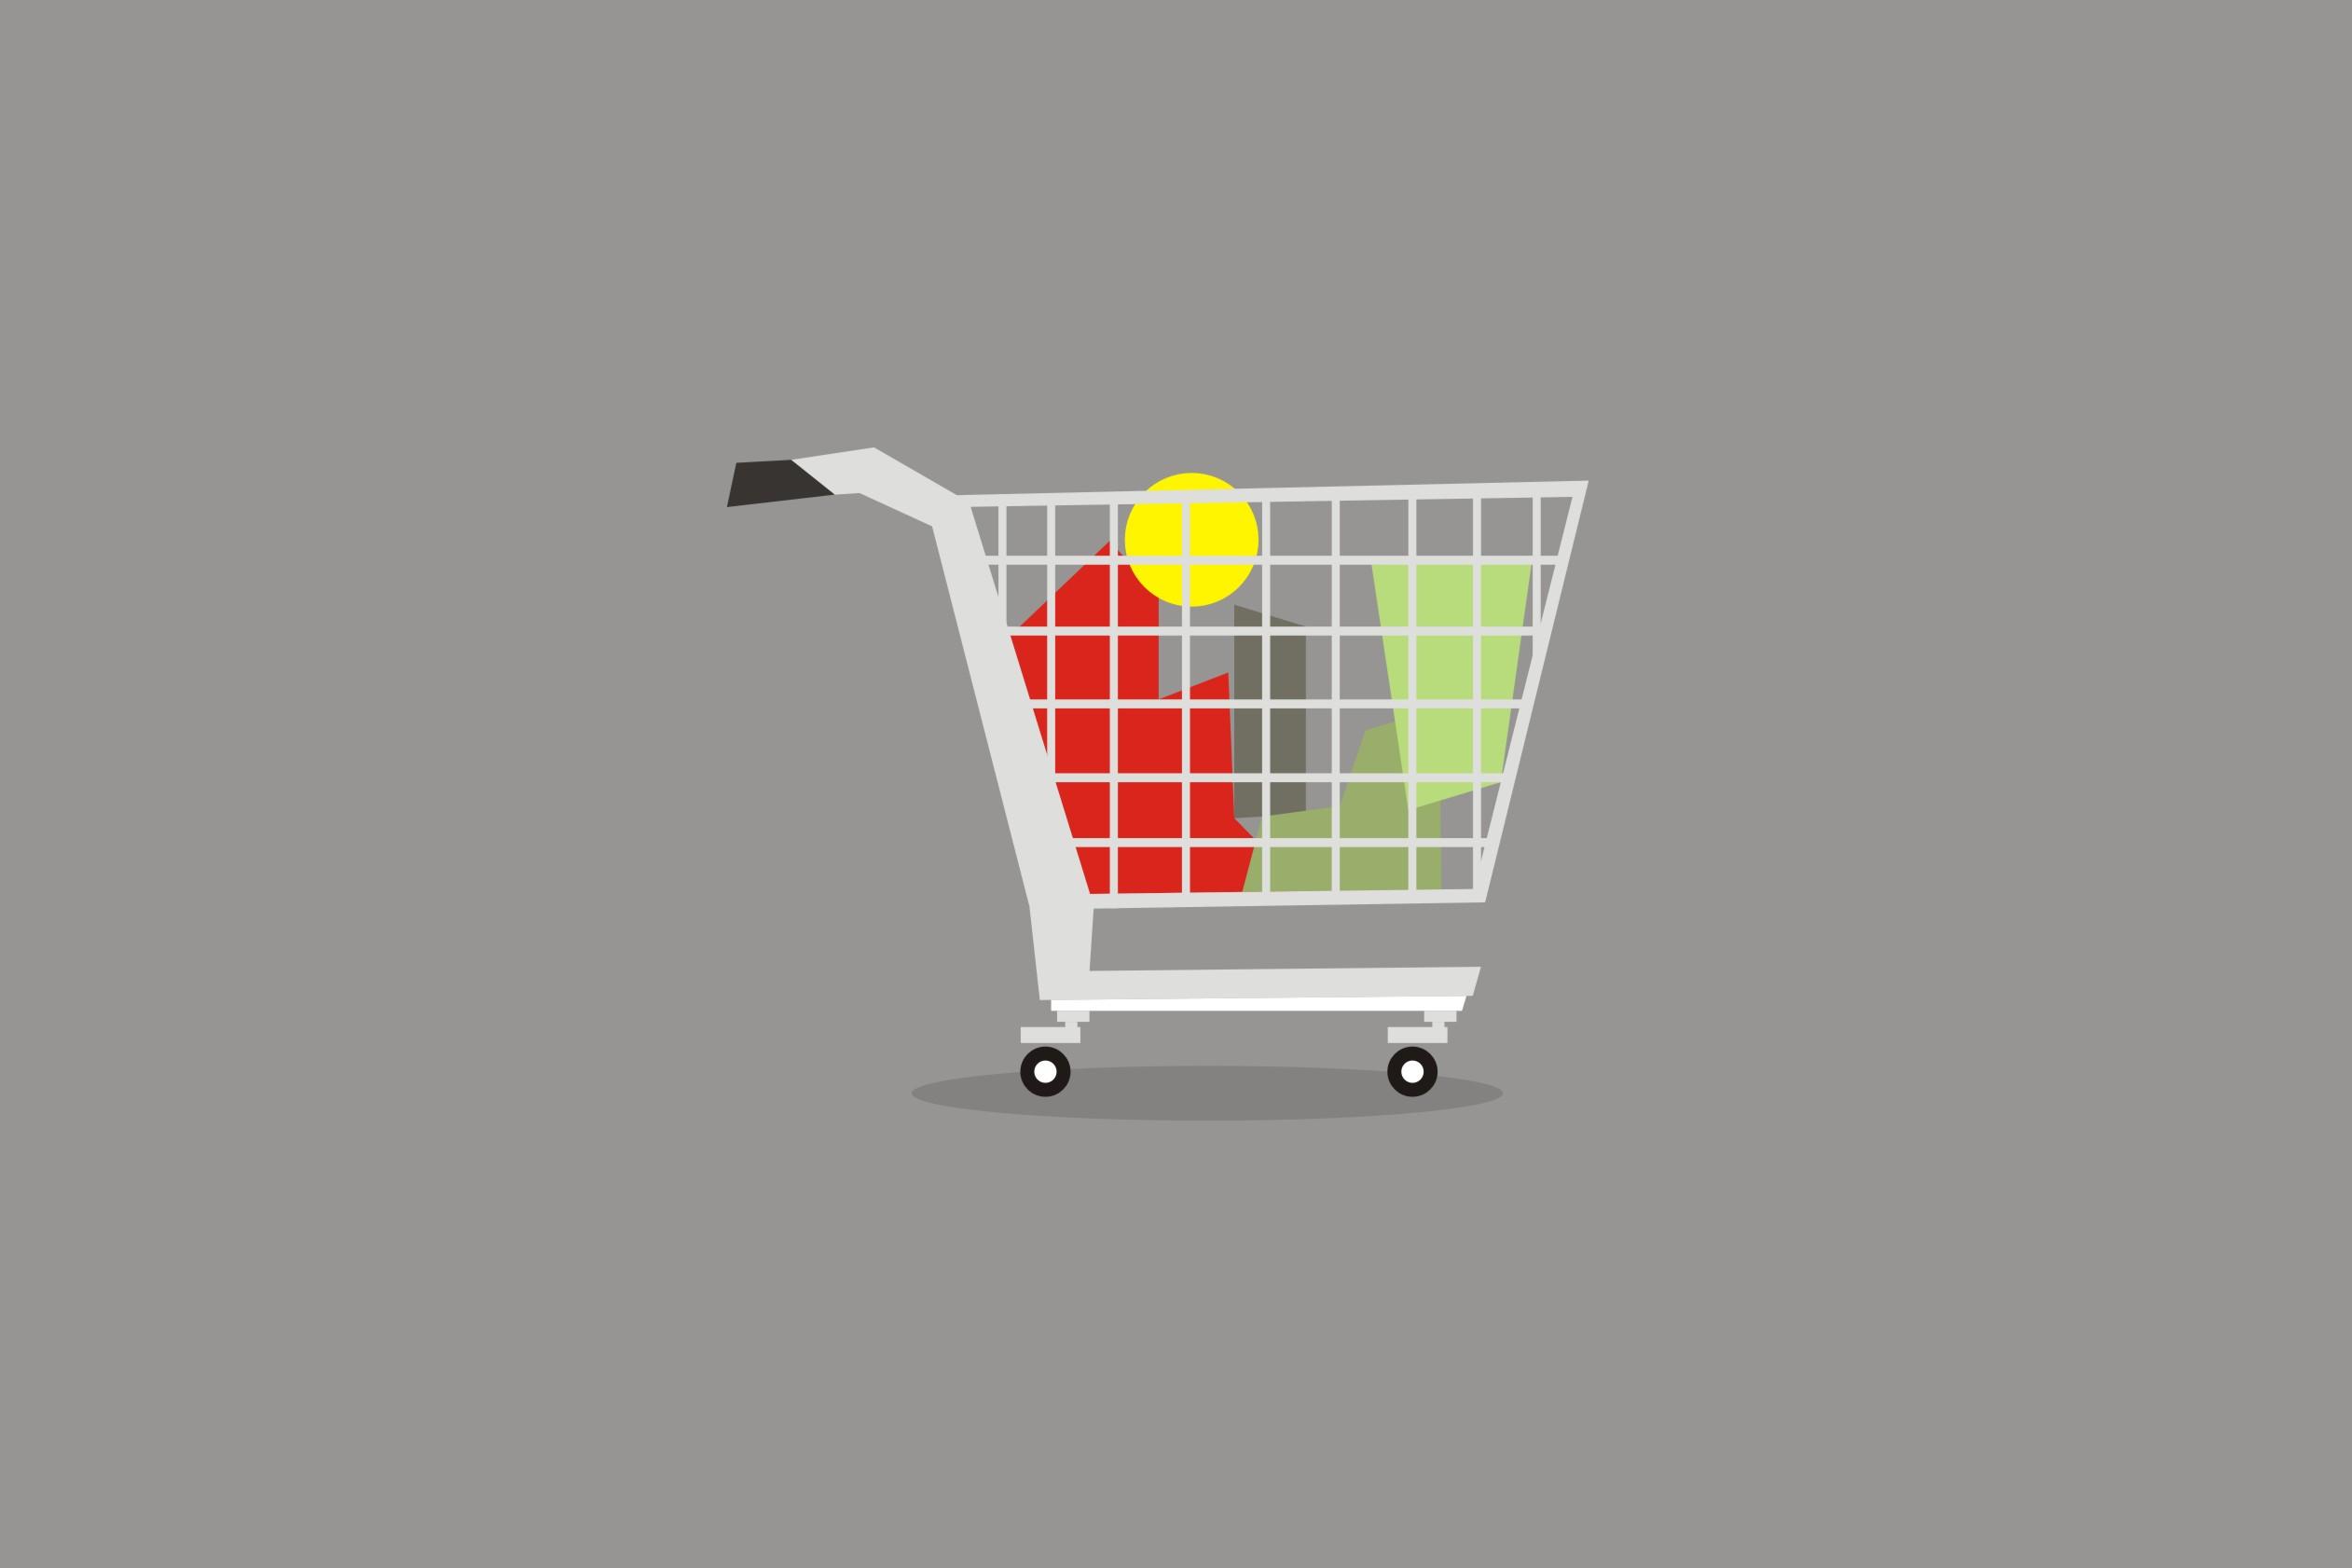 Biar nggak ketipu online shop, kamu perlu perhatikan hal-hal berikut